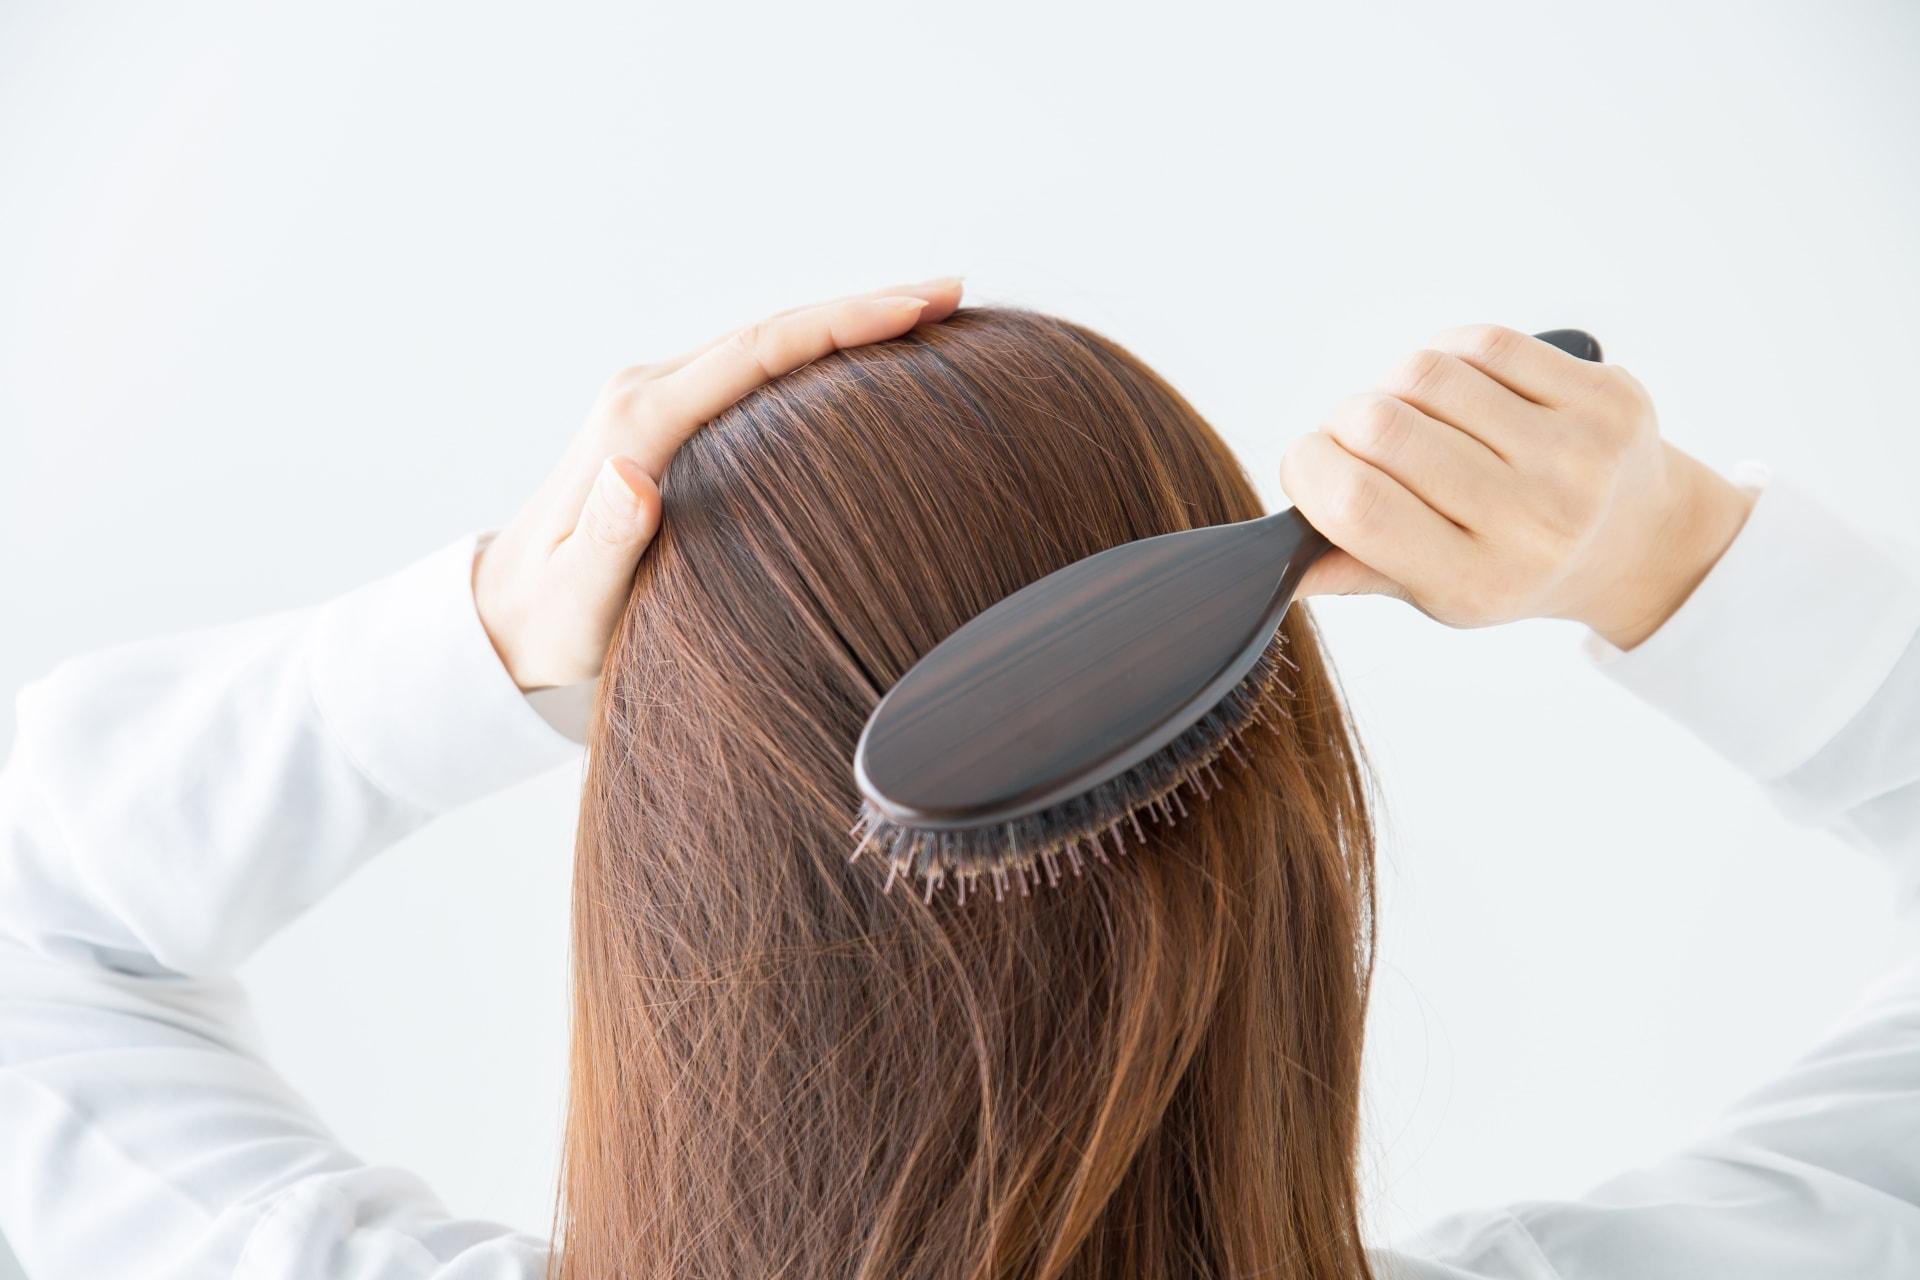 【薄毛の原因】女性の薄毛の原因の頭皮の乾燥による薄毛とは